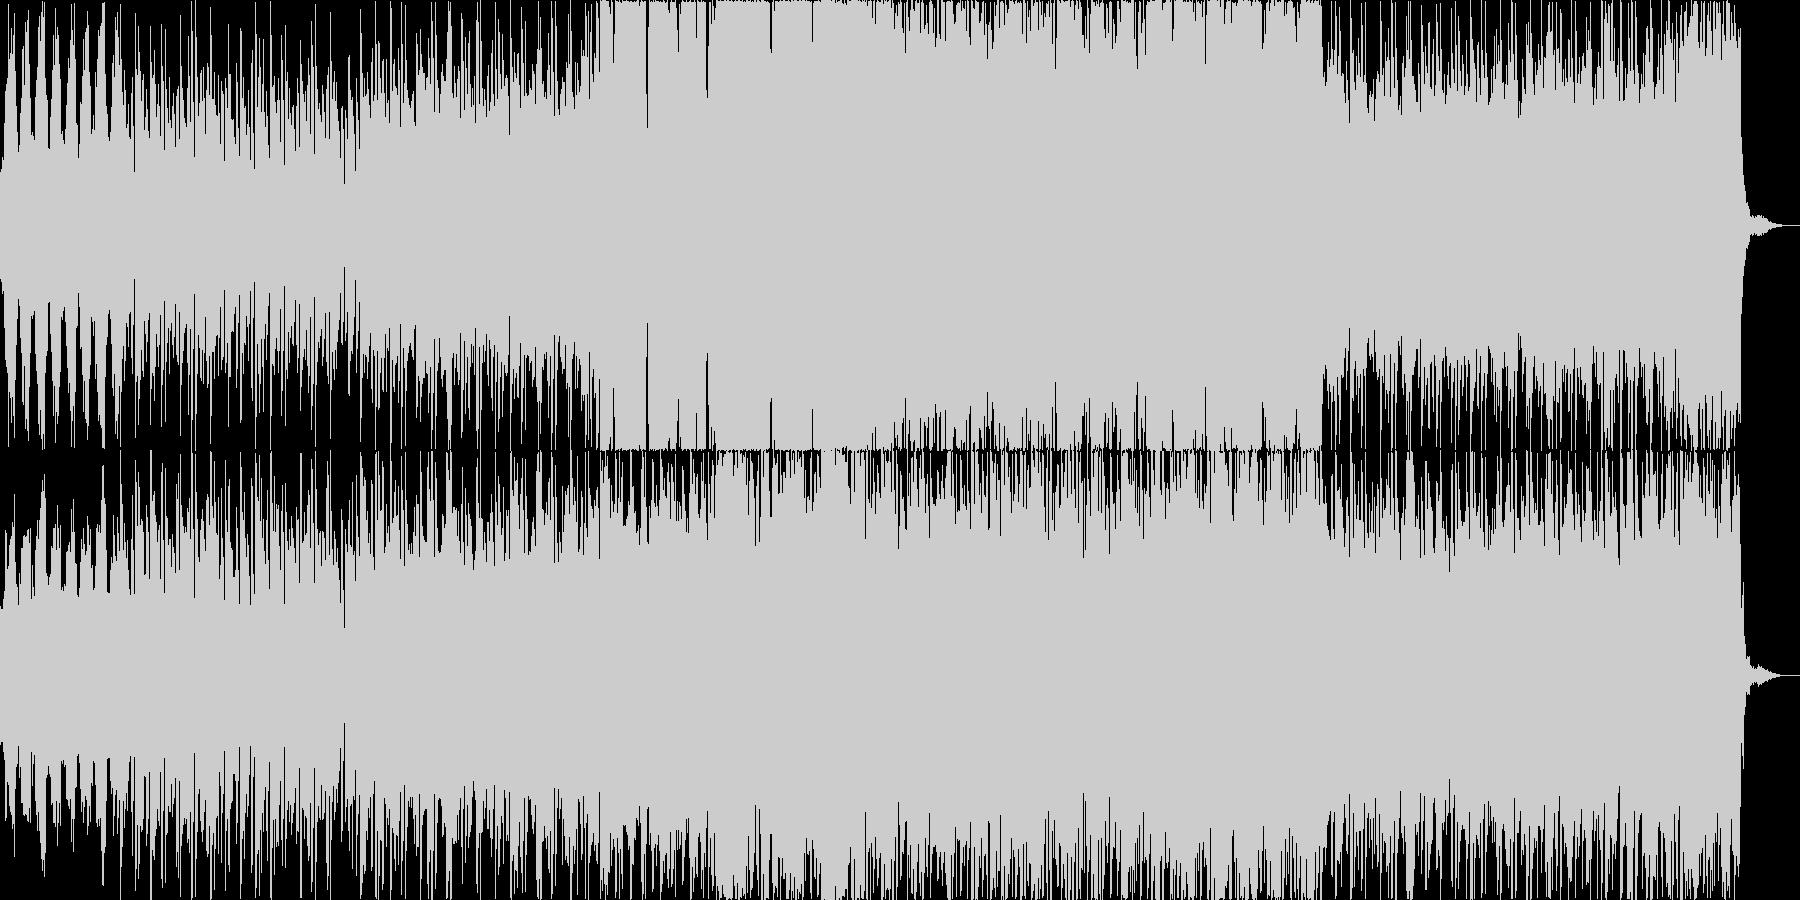 ポールモーリア風サウンドの切ない曲の未再生の波形